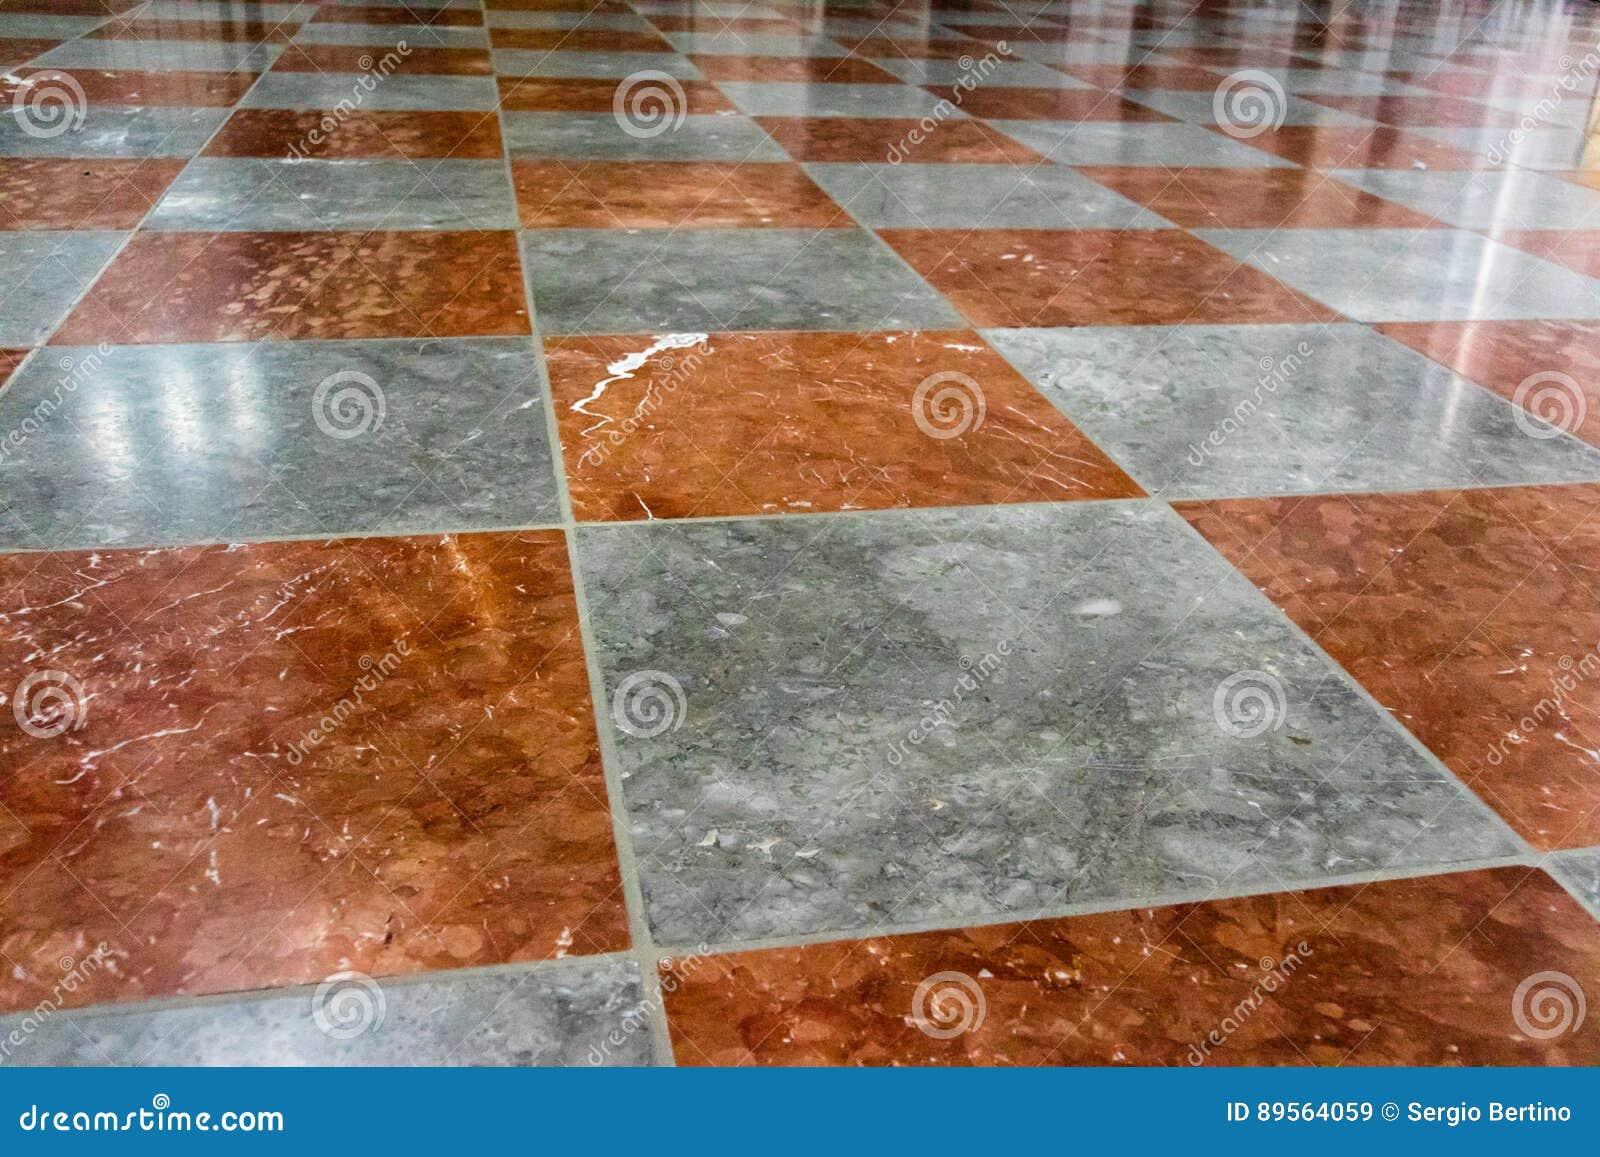 Pavimento Rosso E Bianco : Pavimento di marmo rosso e bianco immagine stock immagine di